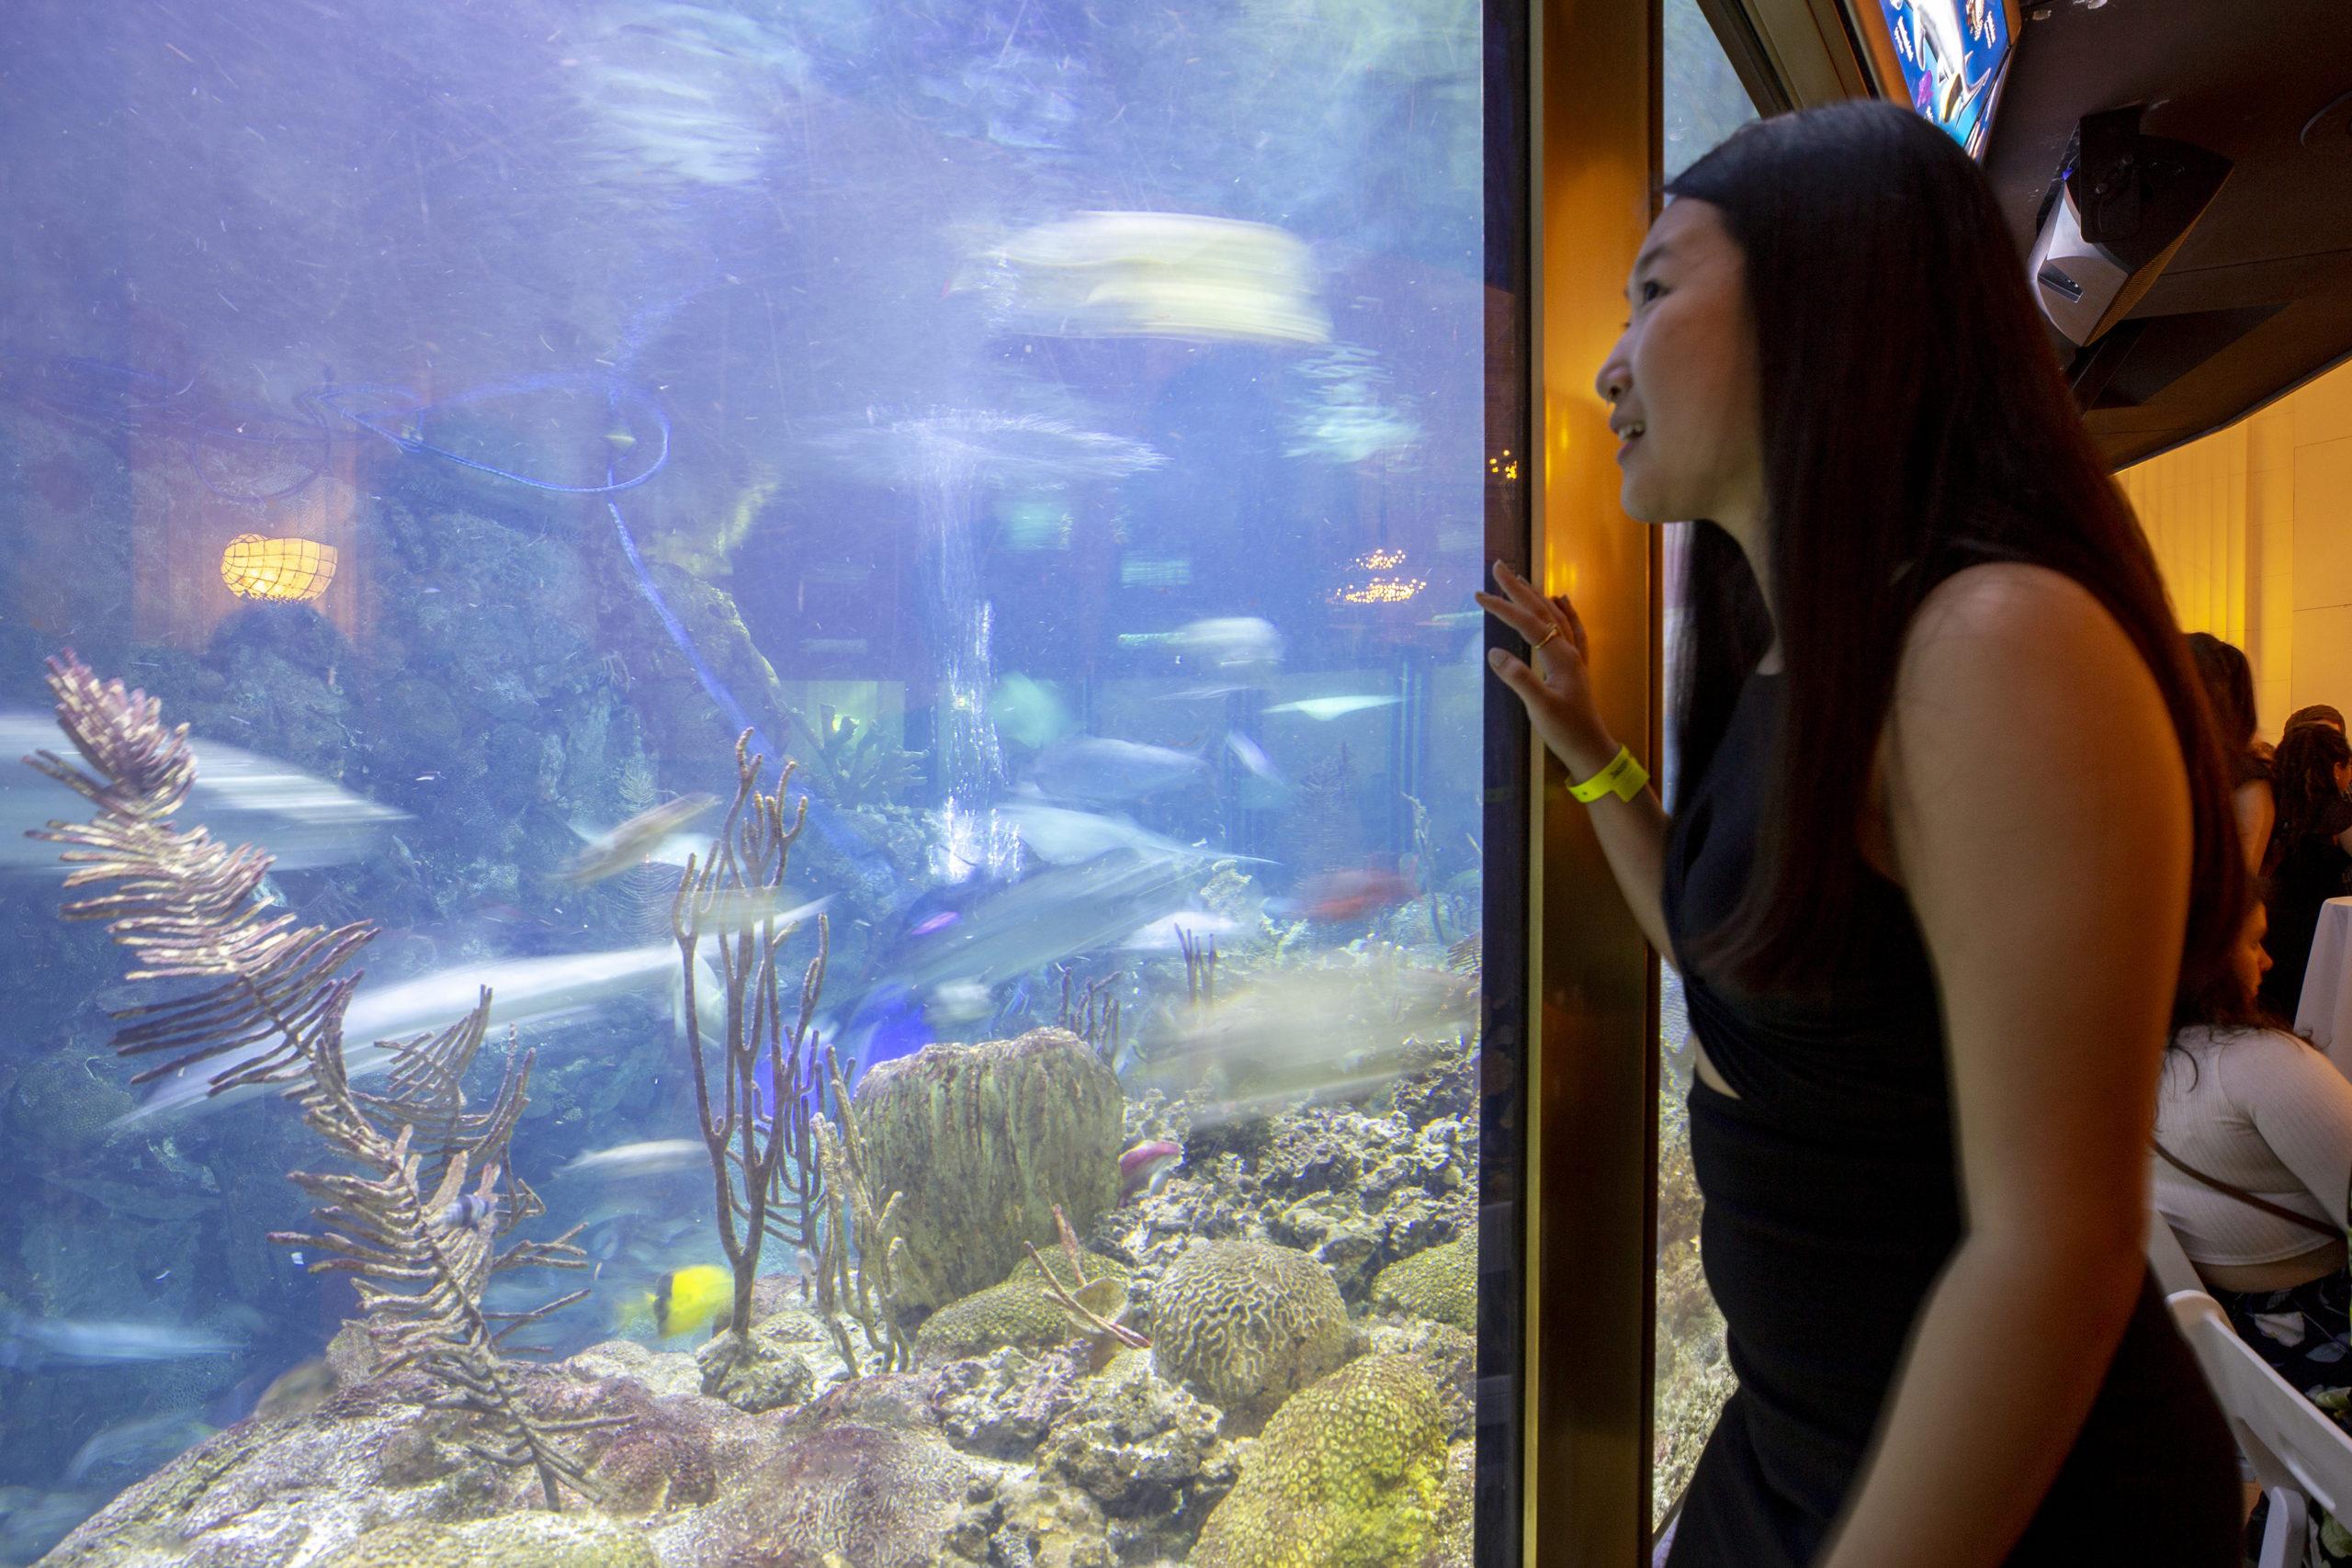 Guest enjoying event at Shedd Aquarium